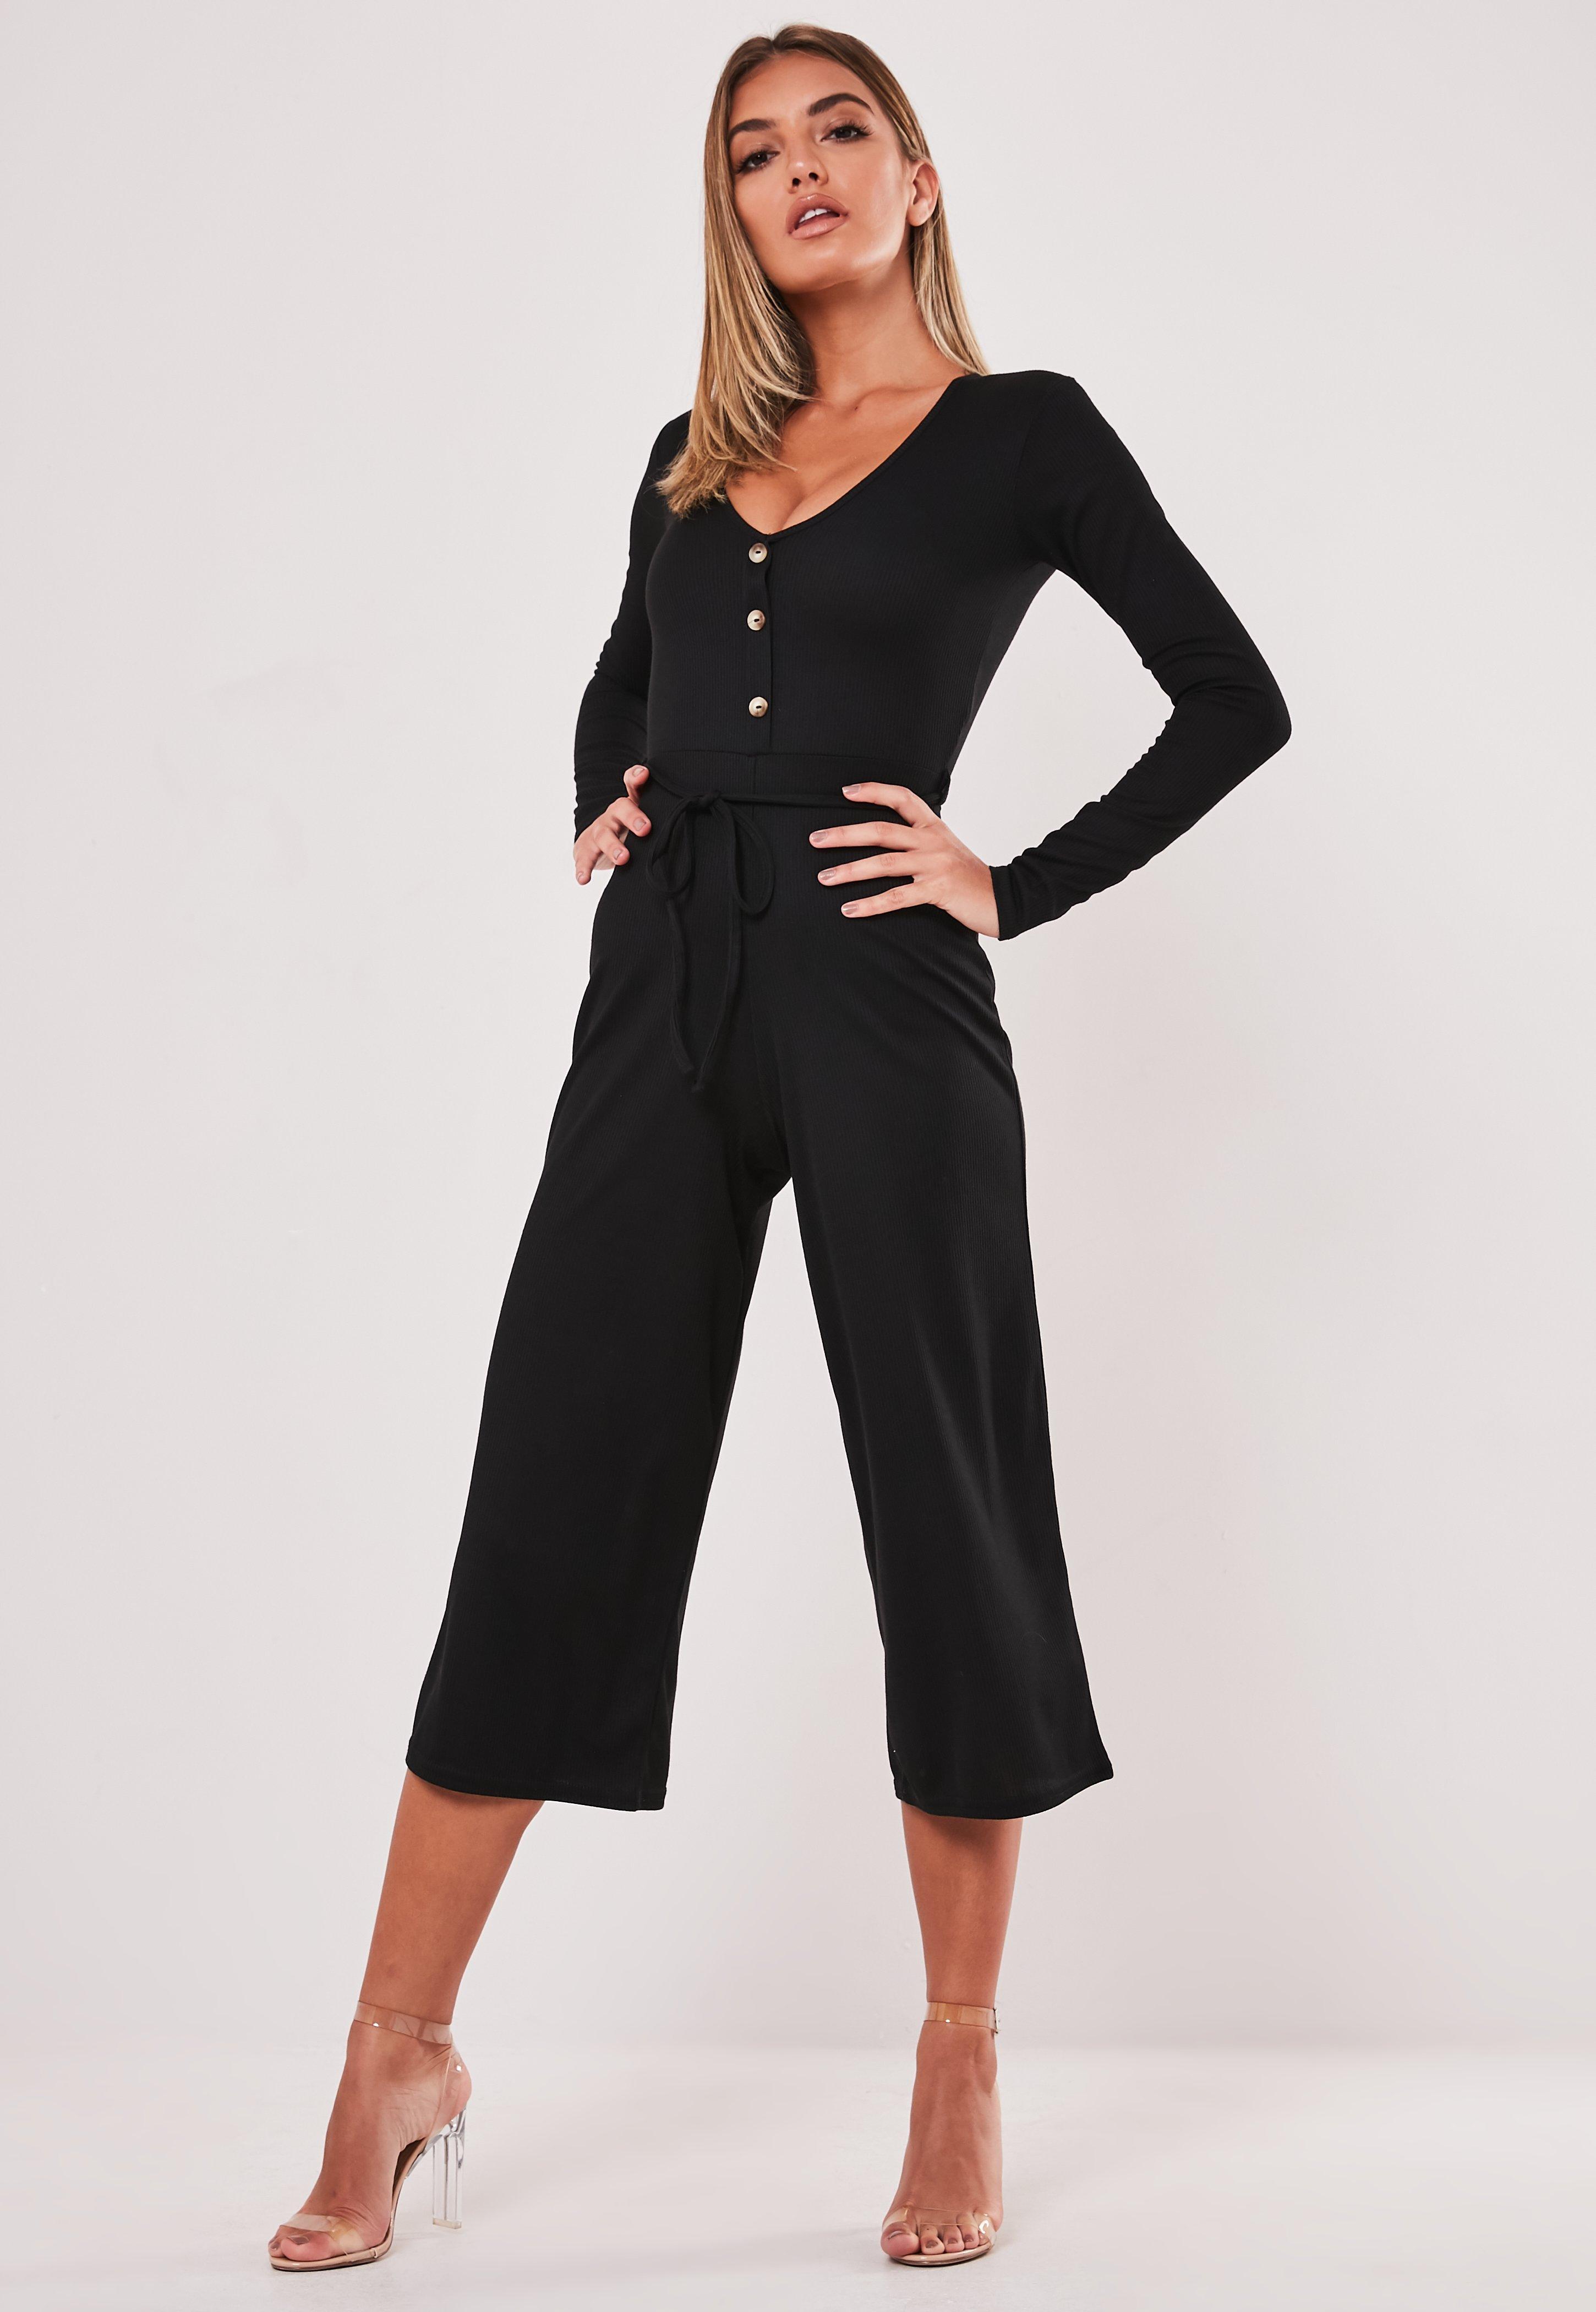 Christmas Jumpsuit Womens.Black Rib Button Front Flare Leg Culotte Jumpsuit